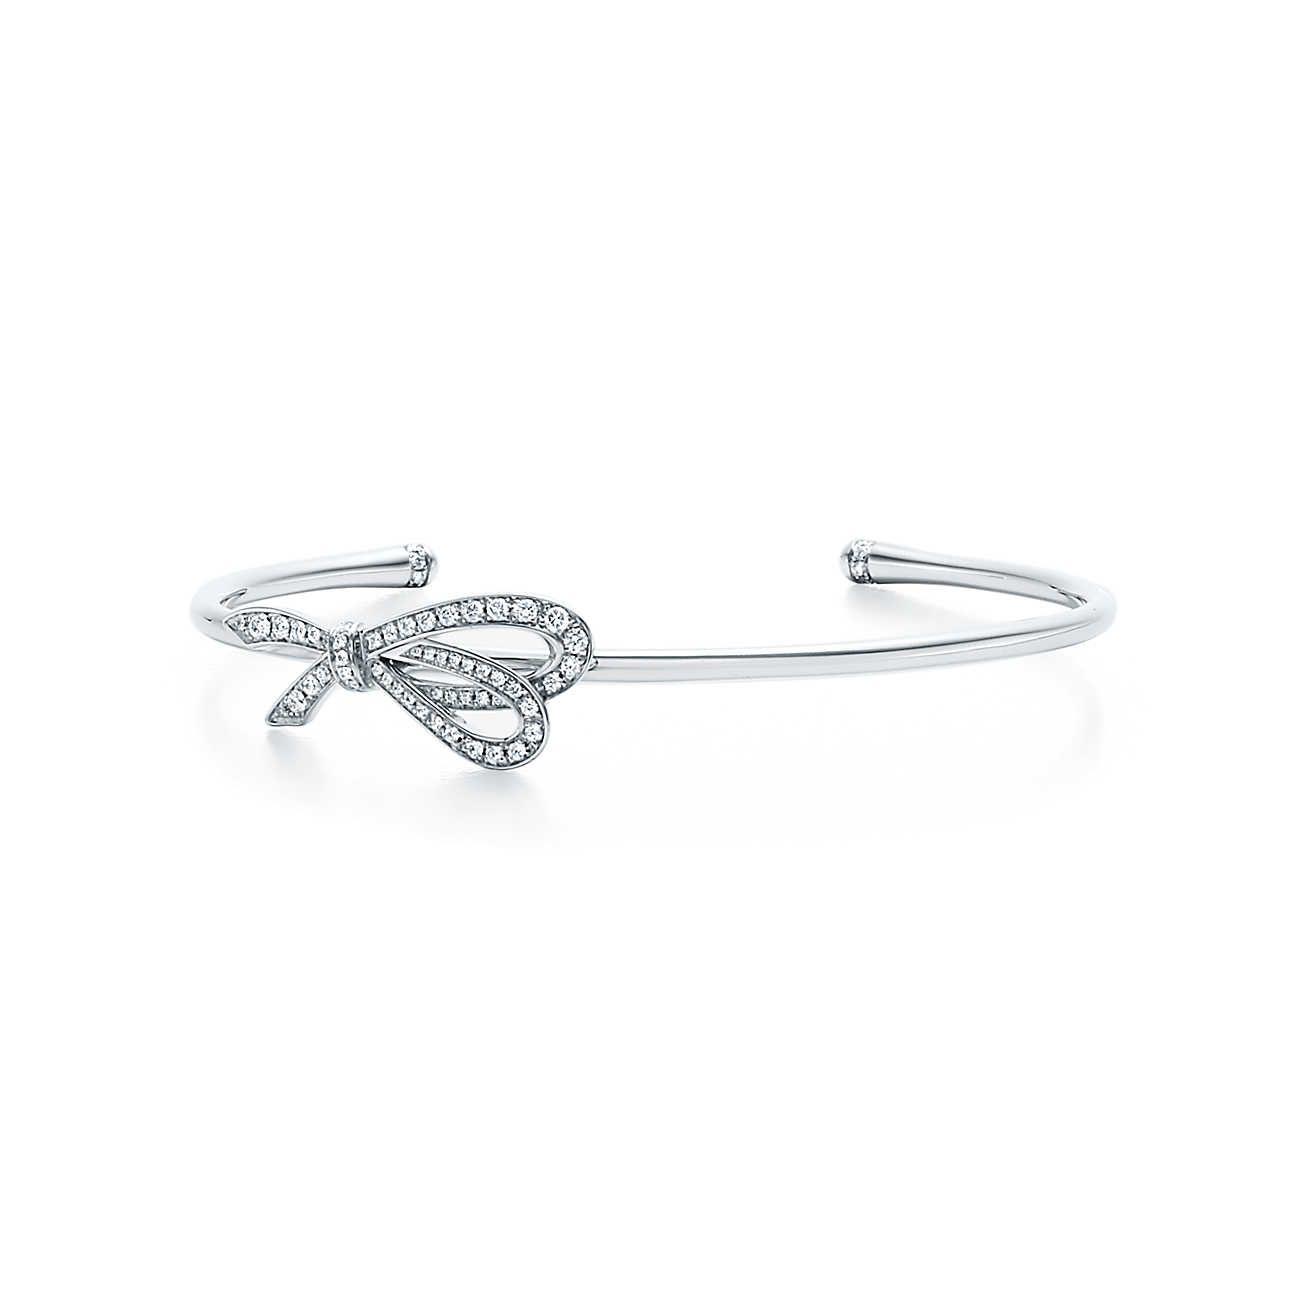 86b1a740909a6 Tiffany Bow:Cuff   wishful thinking   Tiffany bracelets, Diamond ...